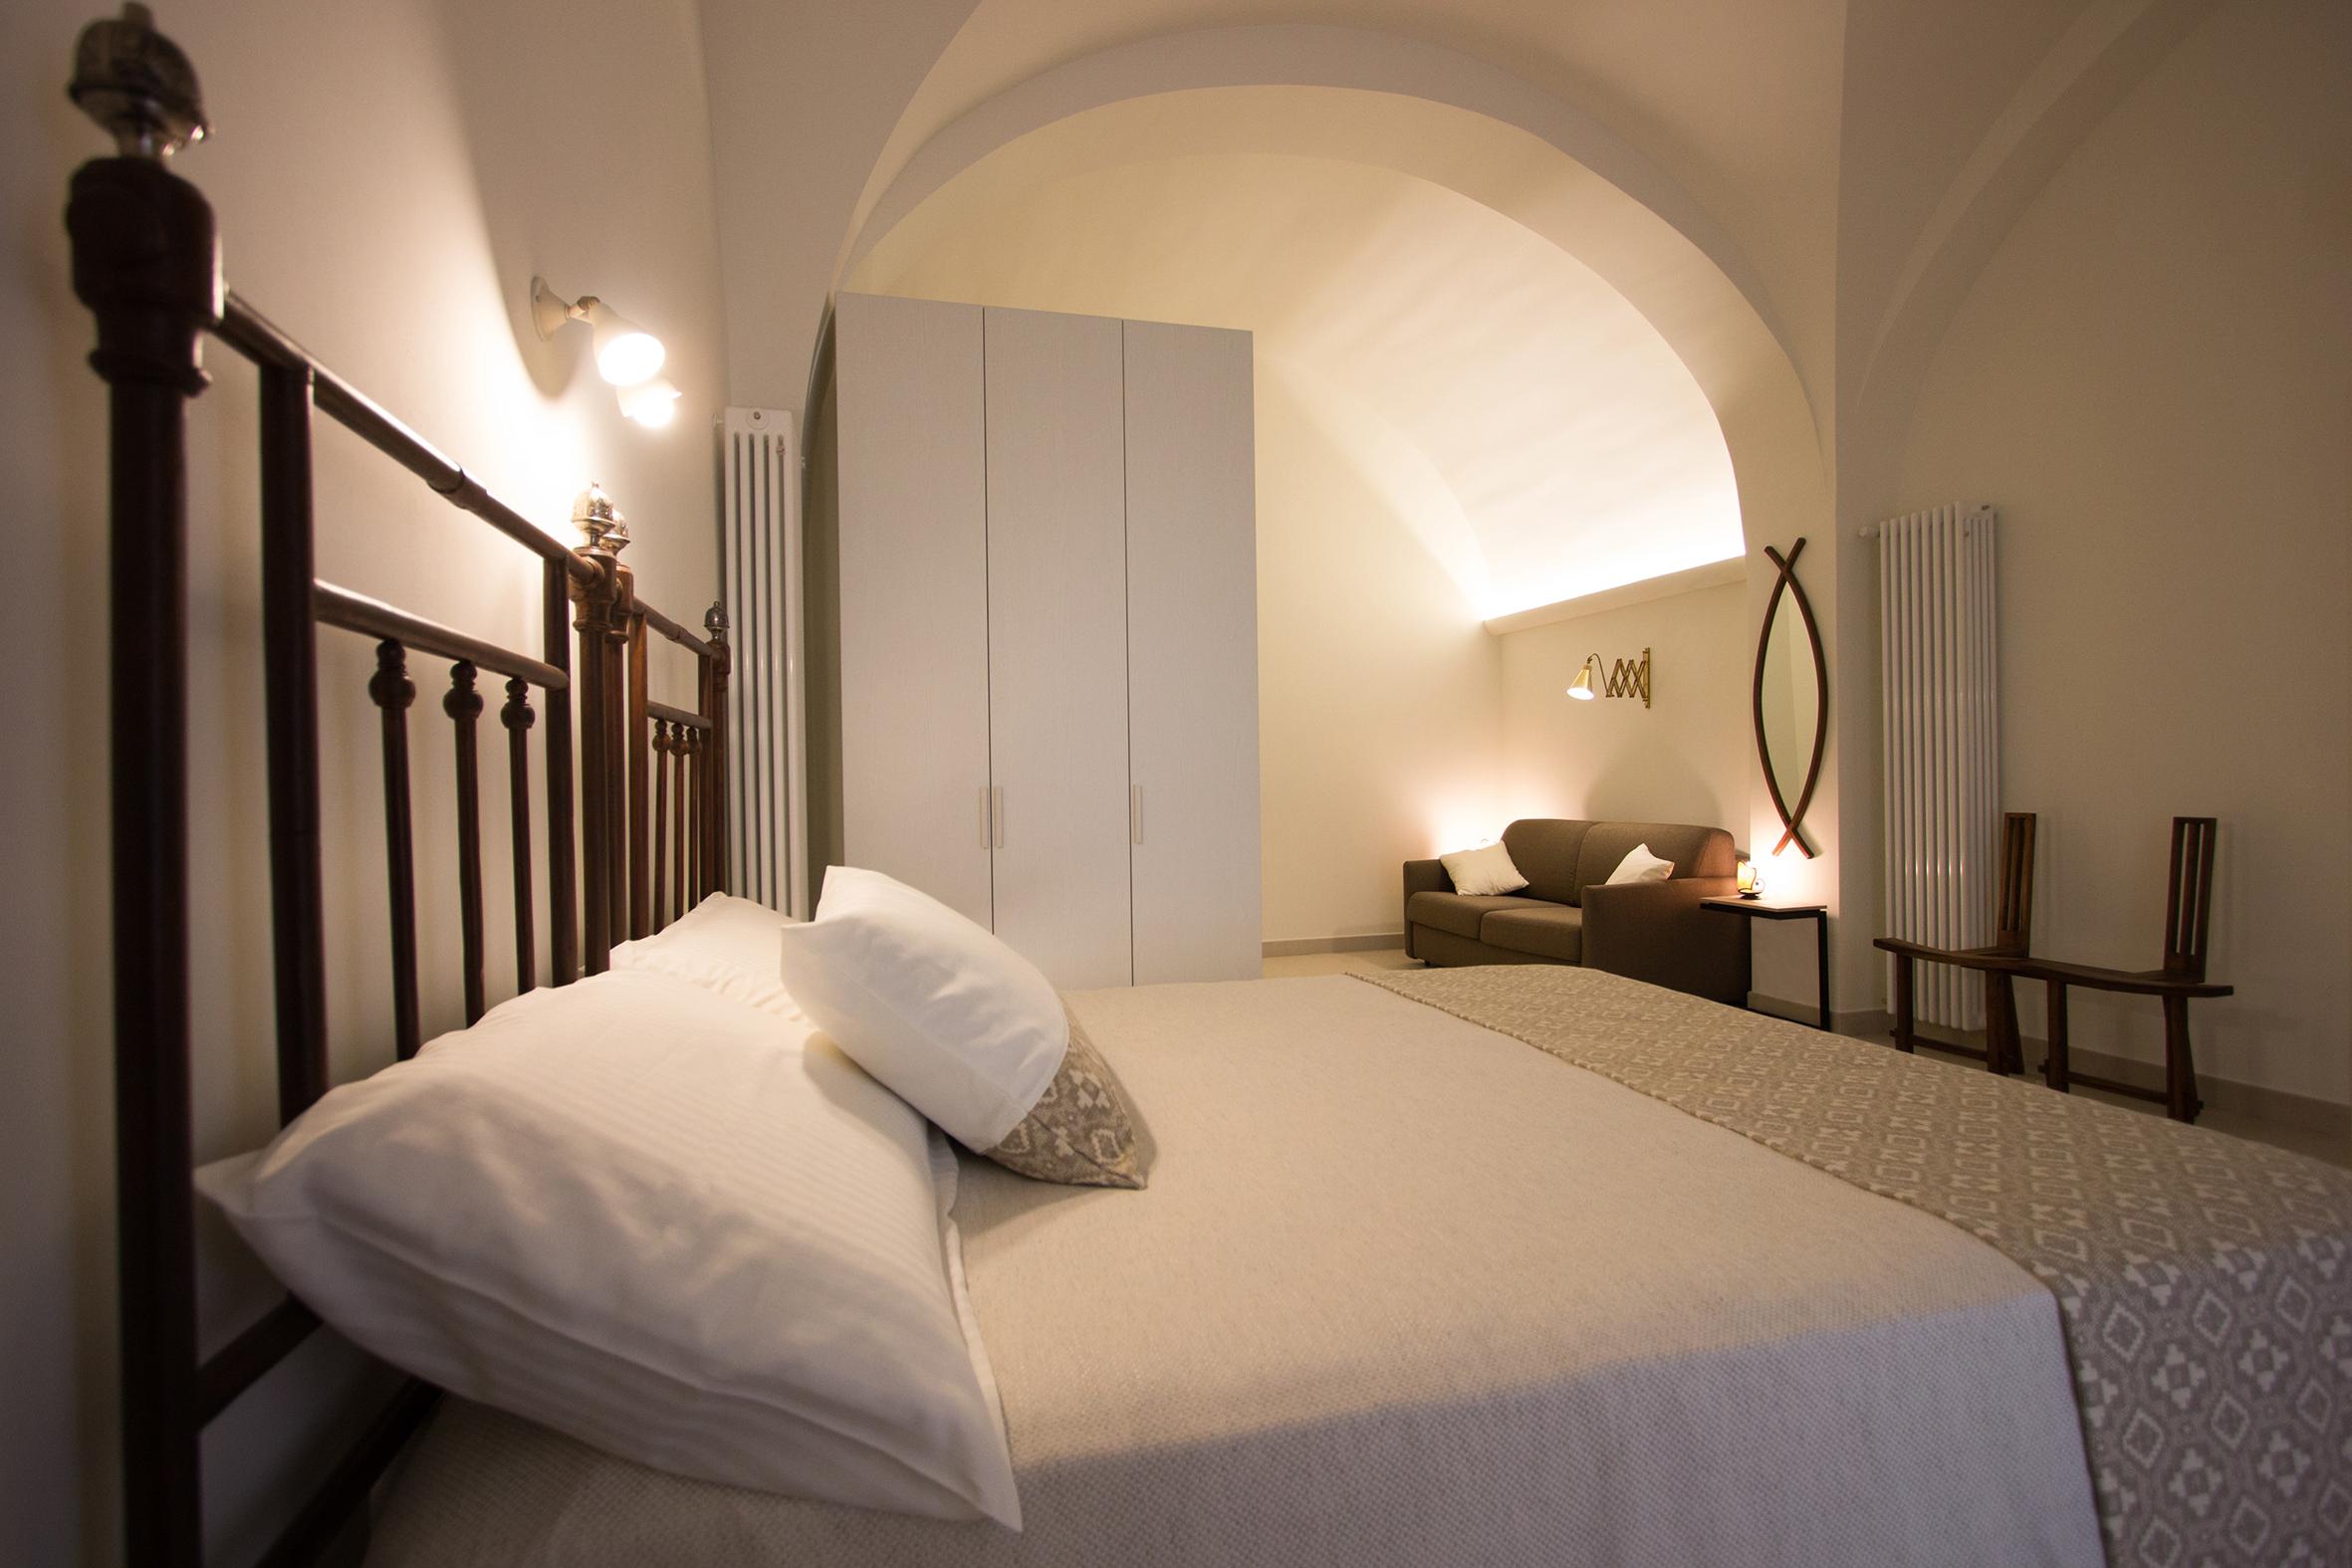 Camera da letto grande con bagno privato.